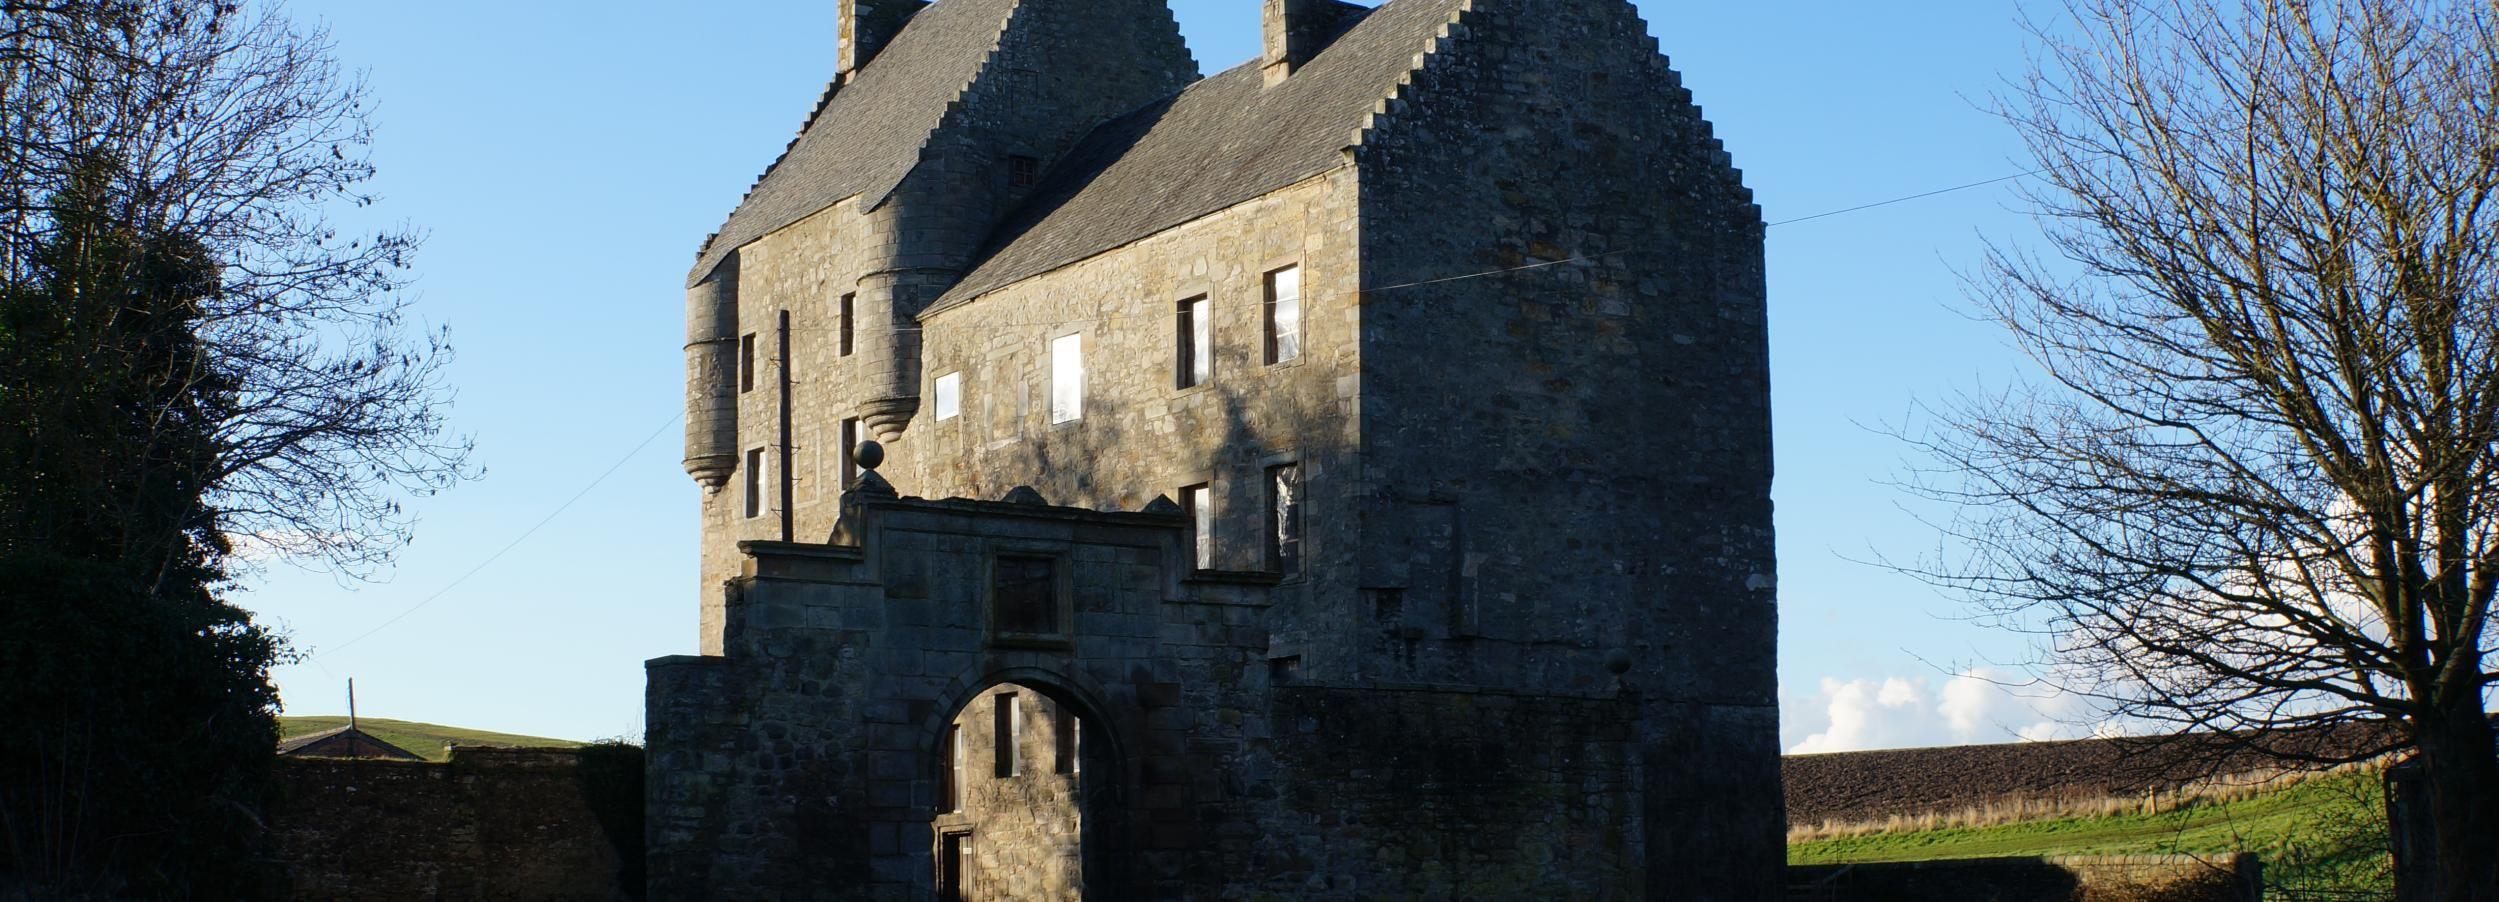 Desde Edimburgo: tour de Outlander, palacios y jacobitas